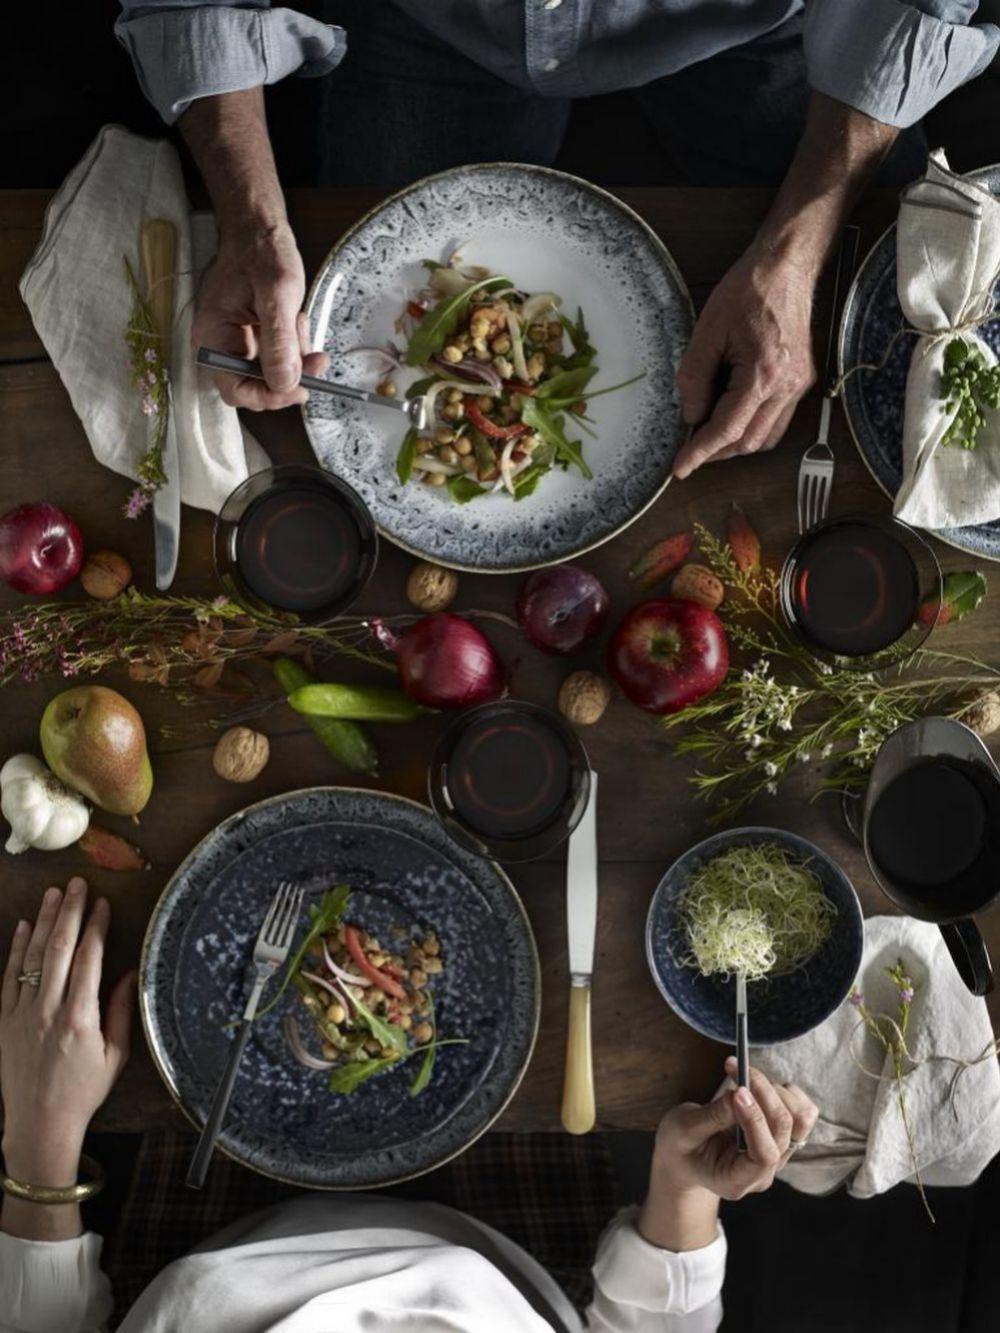 Planifica tus menús sólo con alimentos muy saludables.